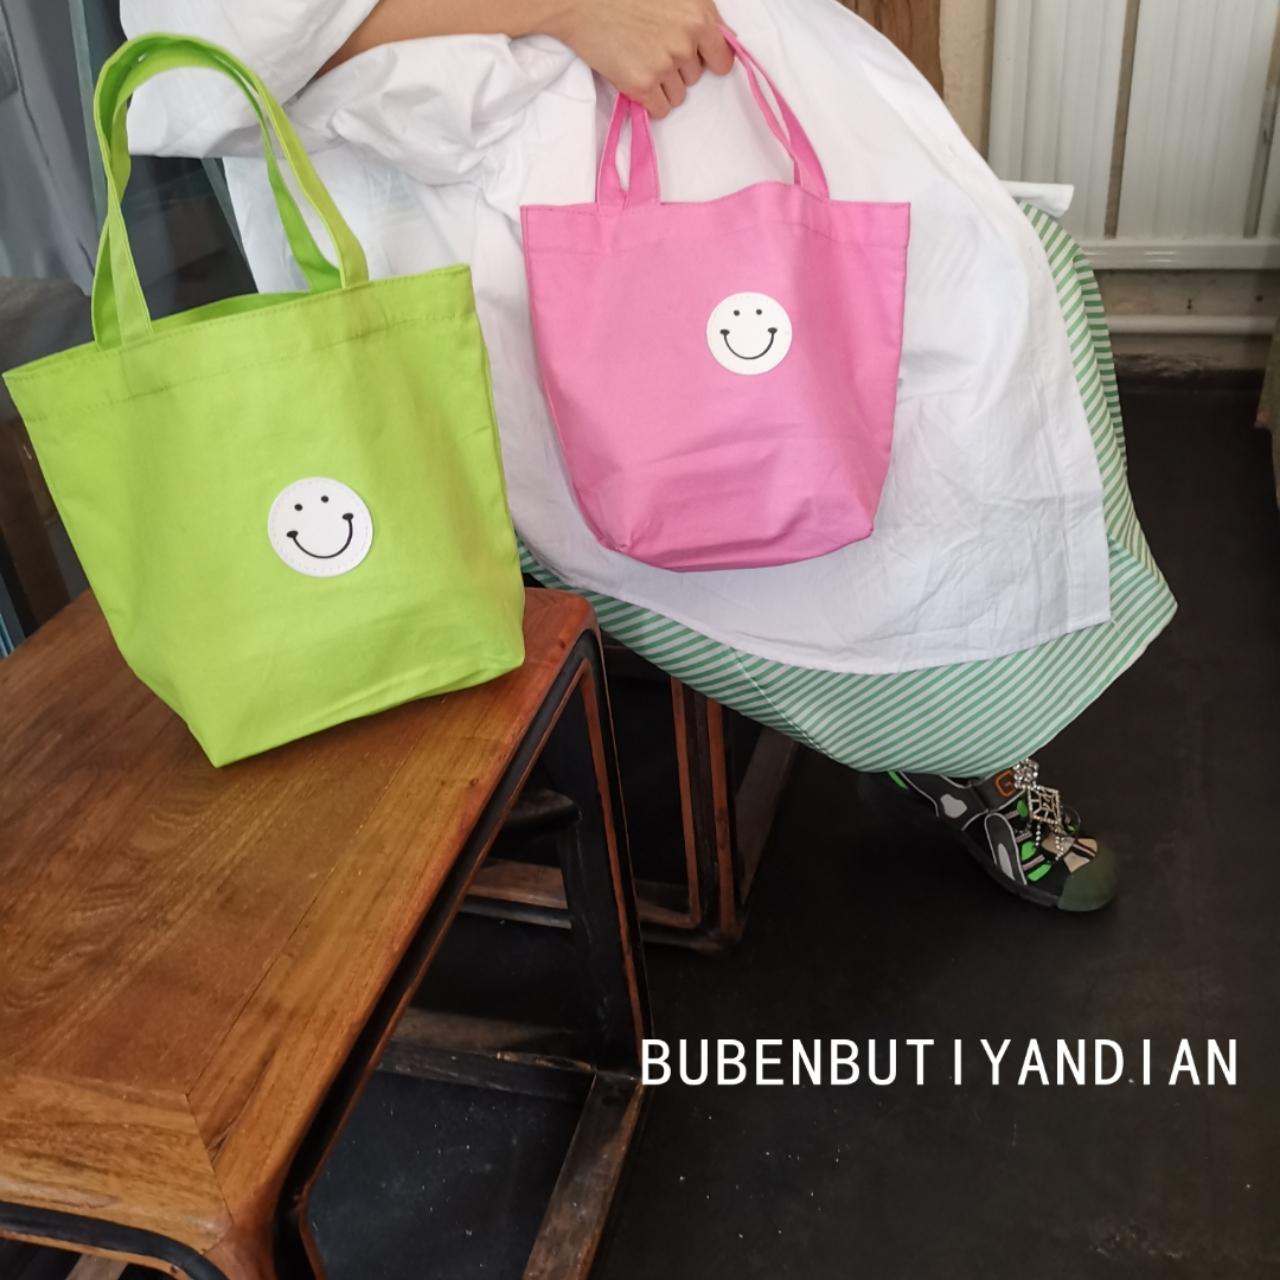 绿色糖果包 韩国东大门时尚荧光绿笑脸小手提包糖果色百搭果绿色粉色手拎包_推荐淘宝好看的绿色糖果包